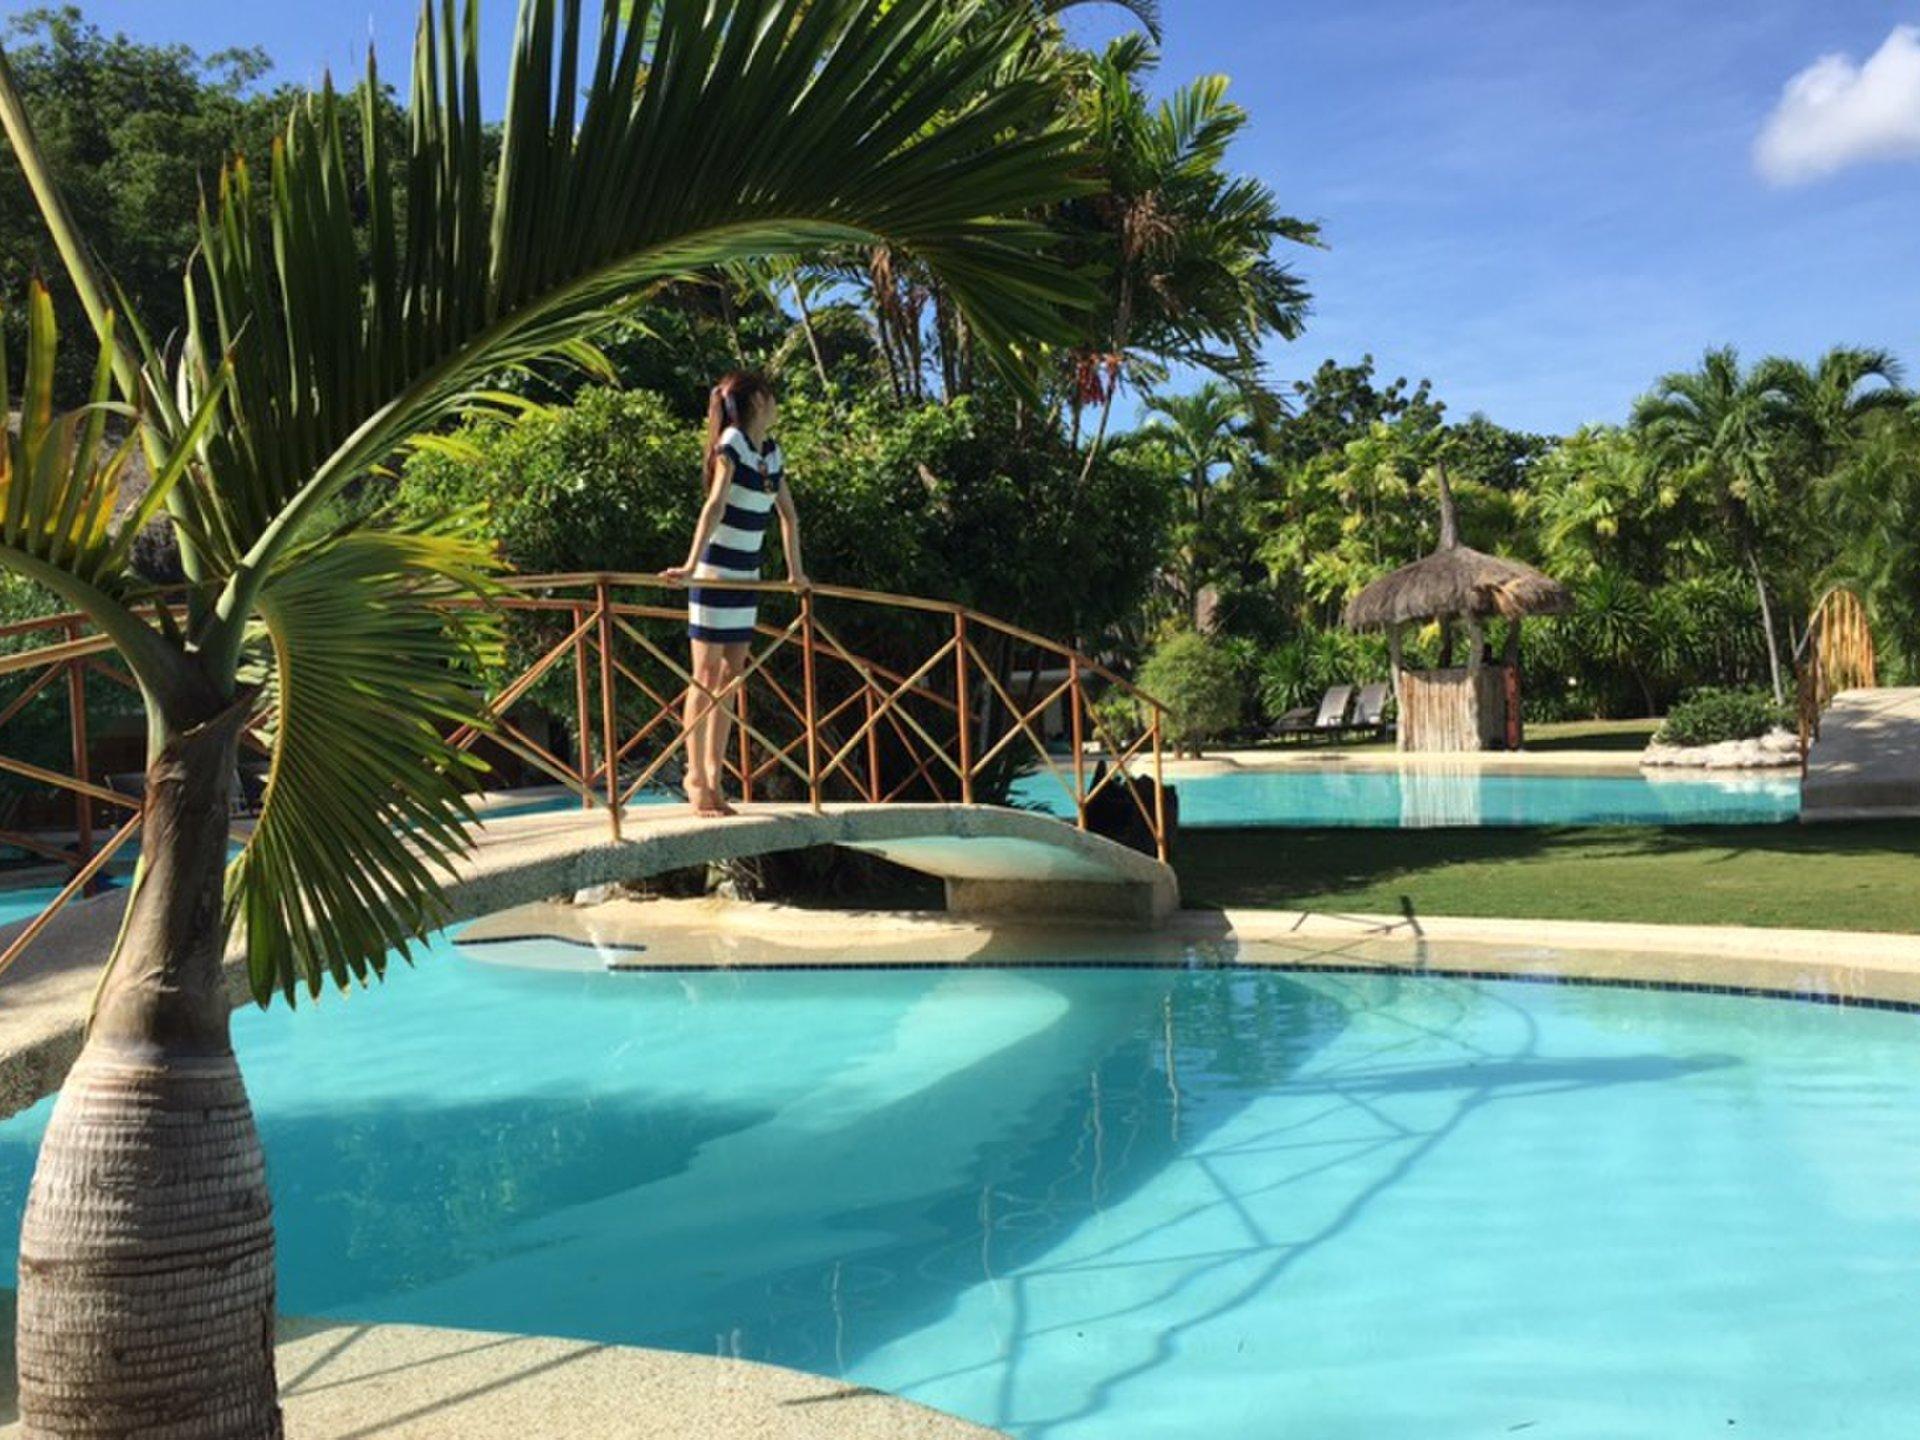 夢の常夏リゾート♥観光地セブ島でやりたいことBEST5!格安でいける夏旅行はセブ島が最高すぎる!!